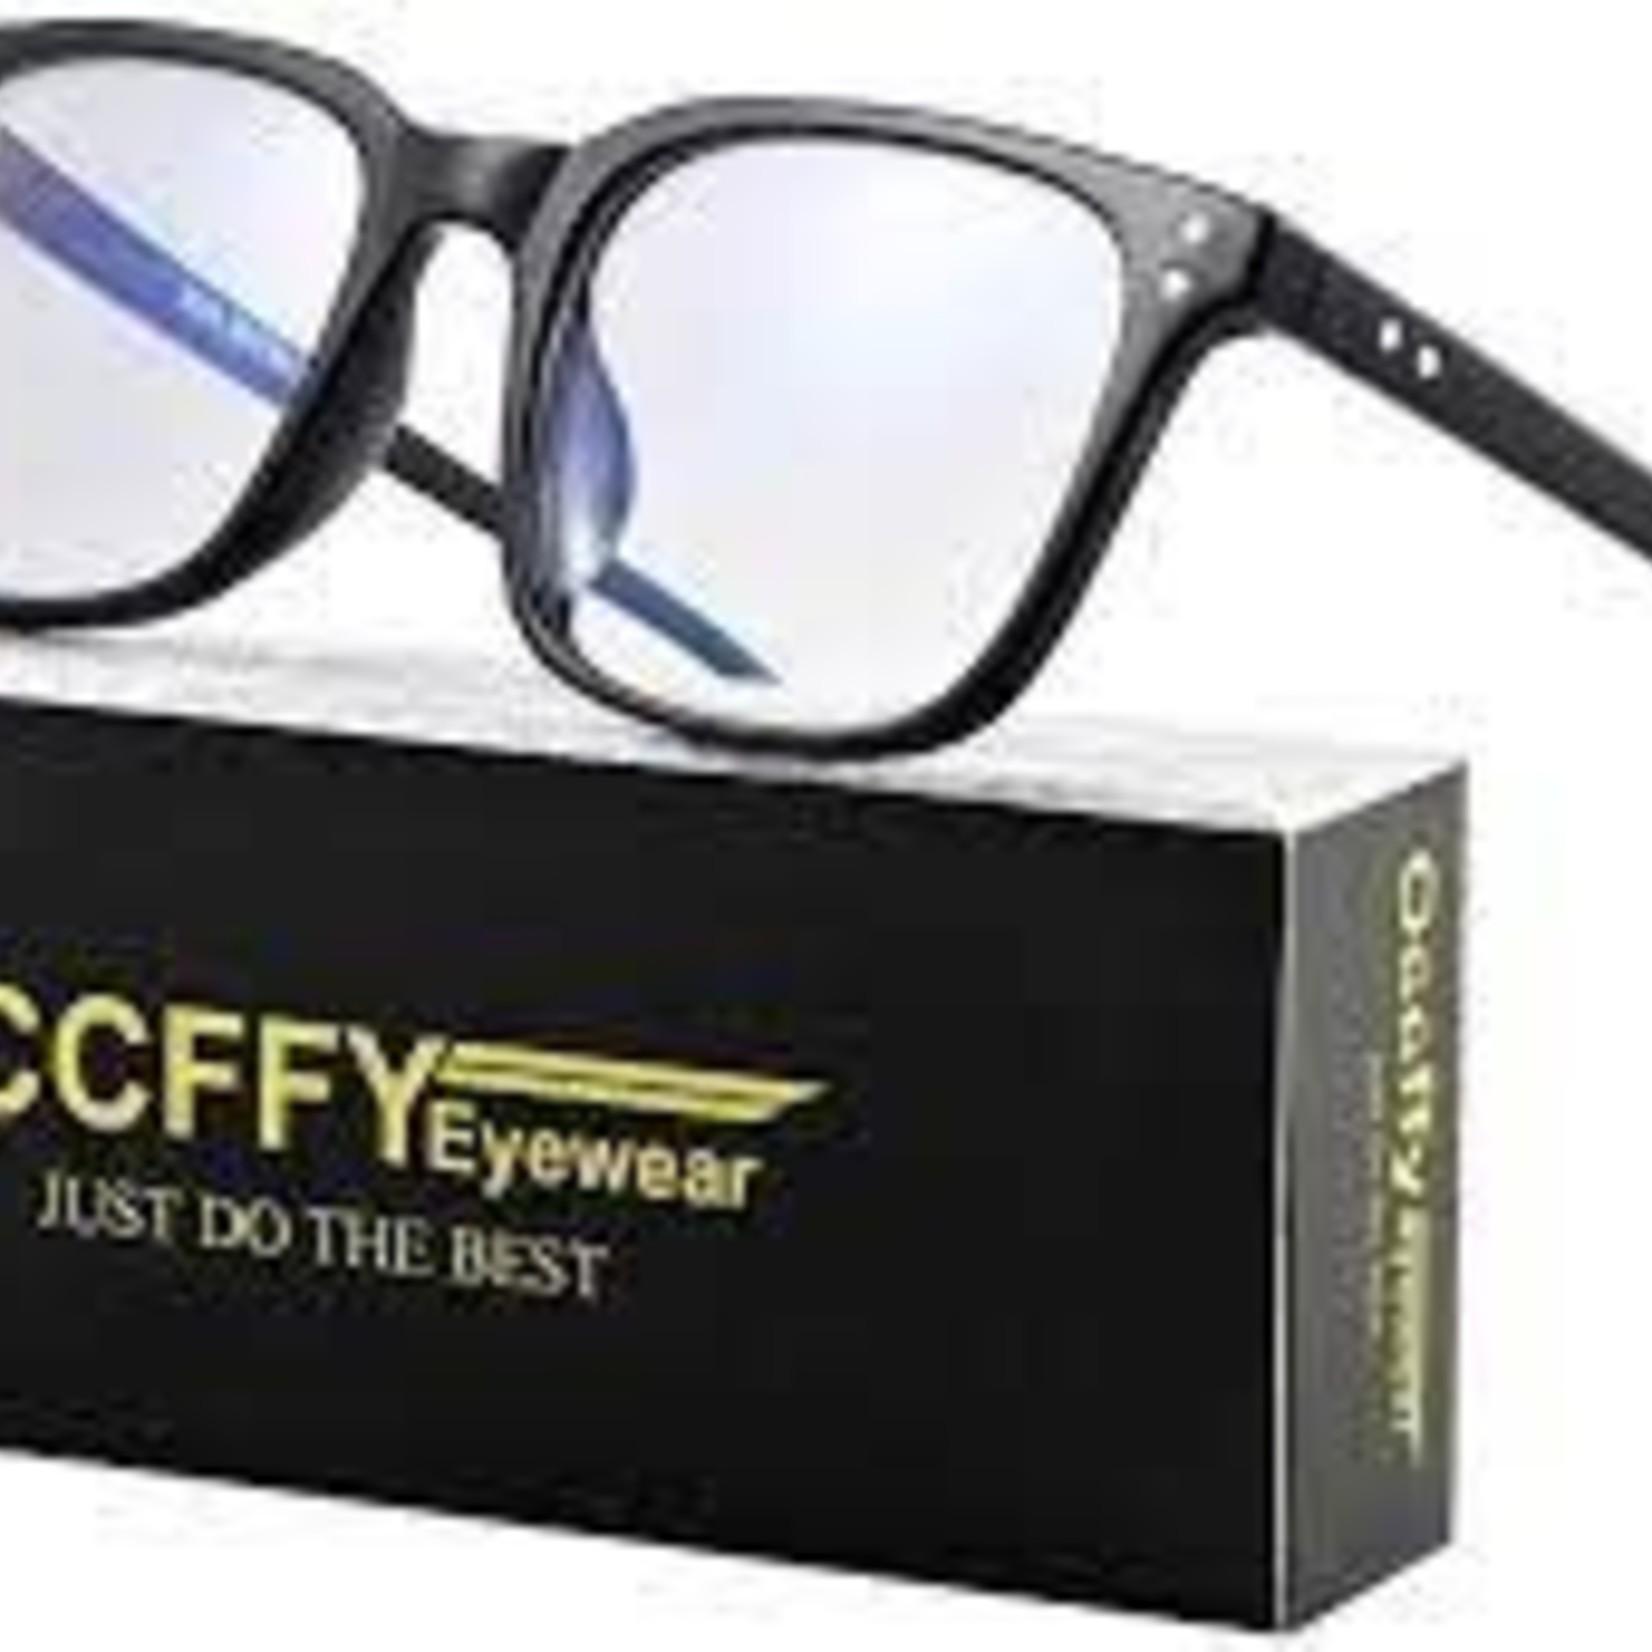 Occffy Blue Light Blocking Glasses Transparent Lens Anti Glare Filter UV Computer Gaming Glasses For Men Women 5025